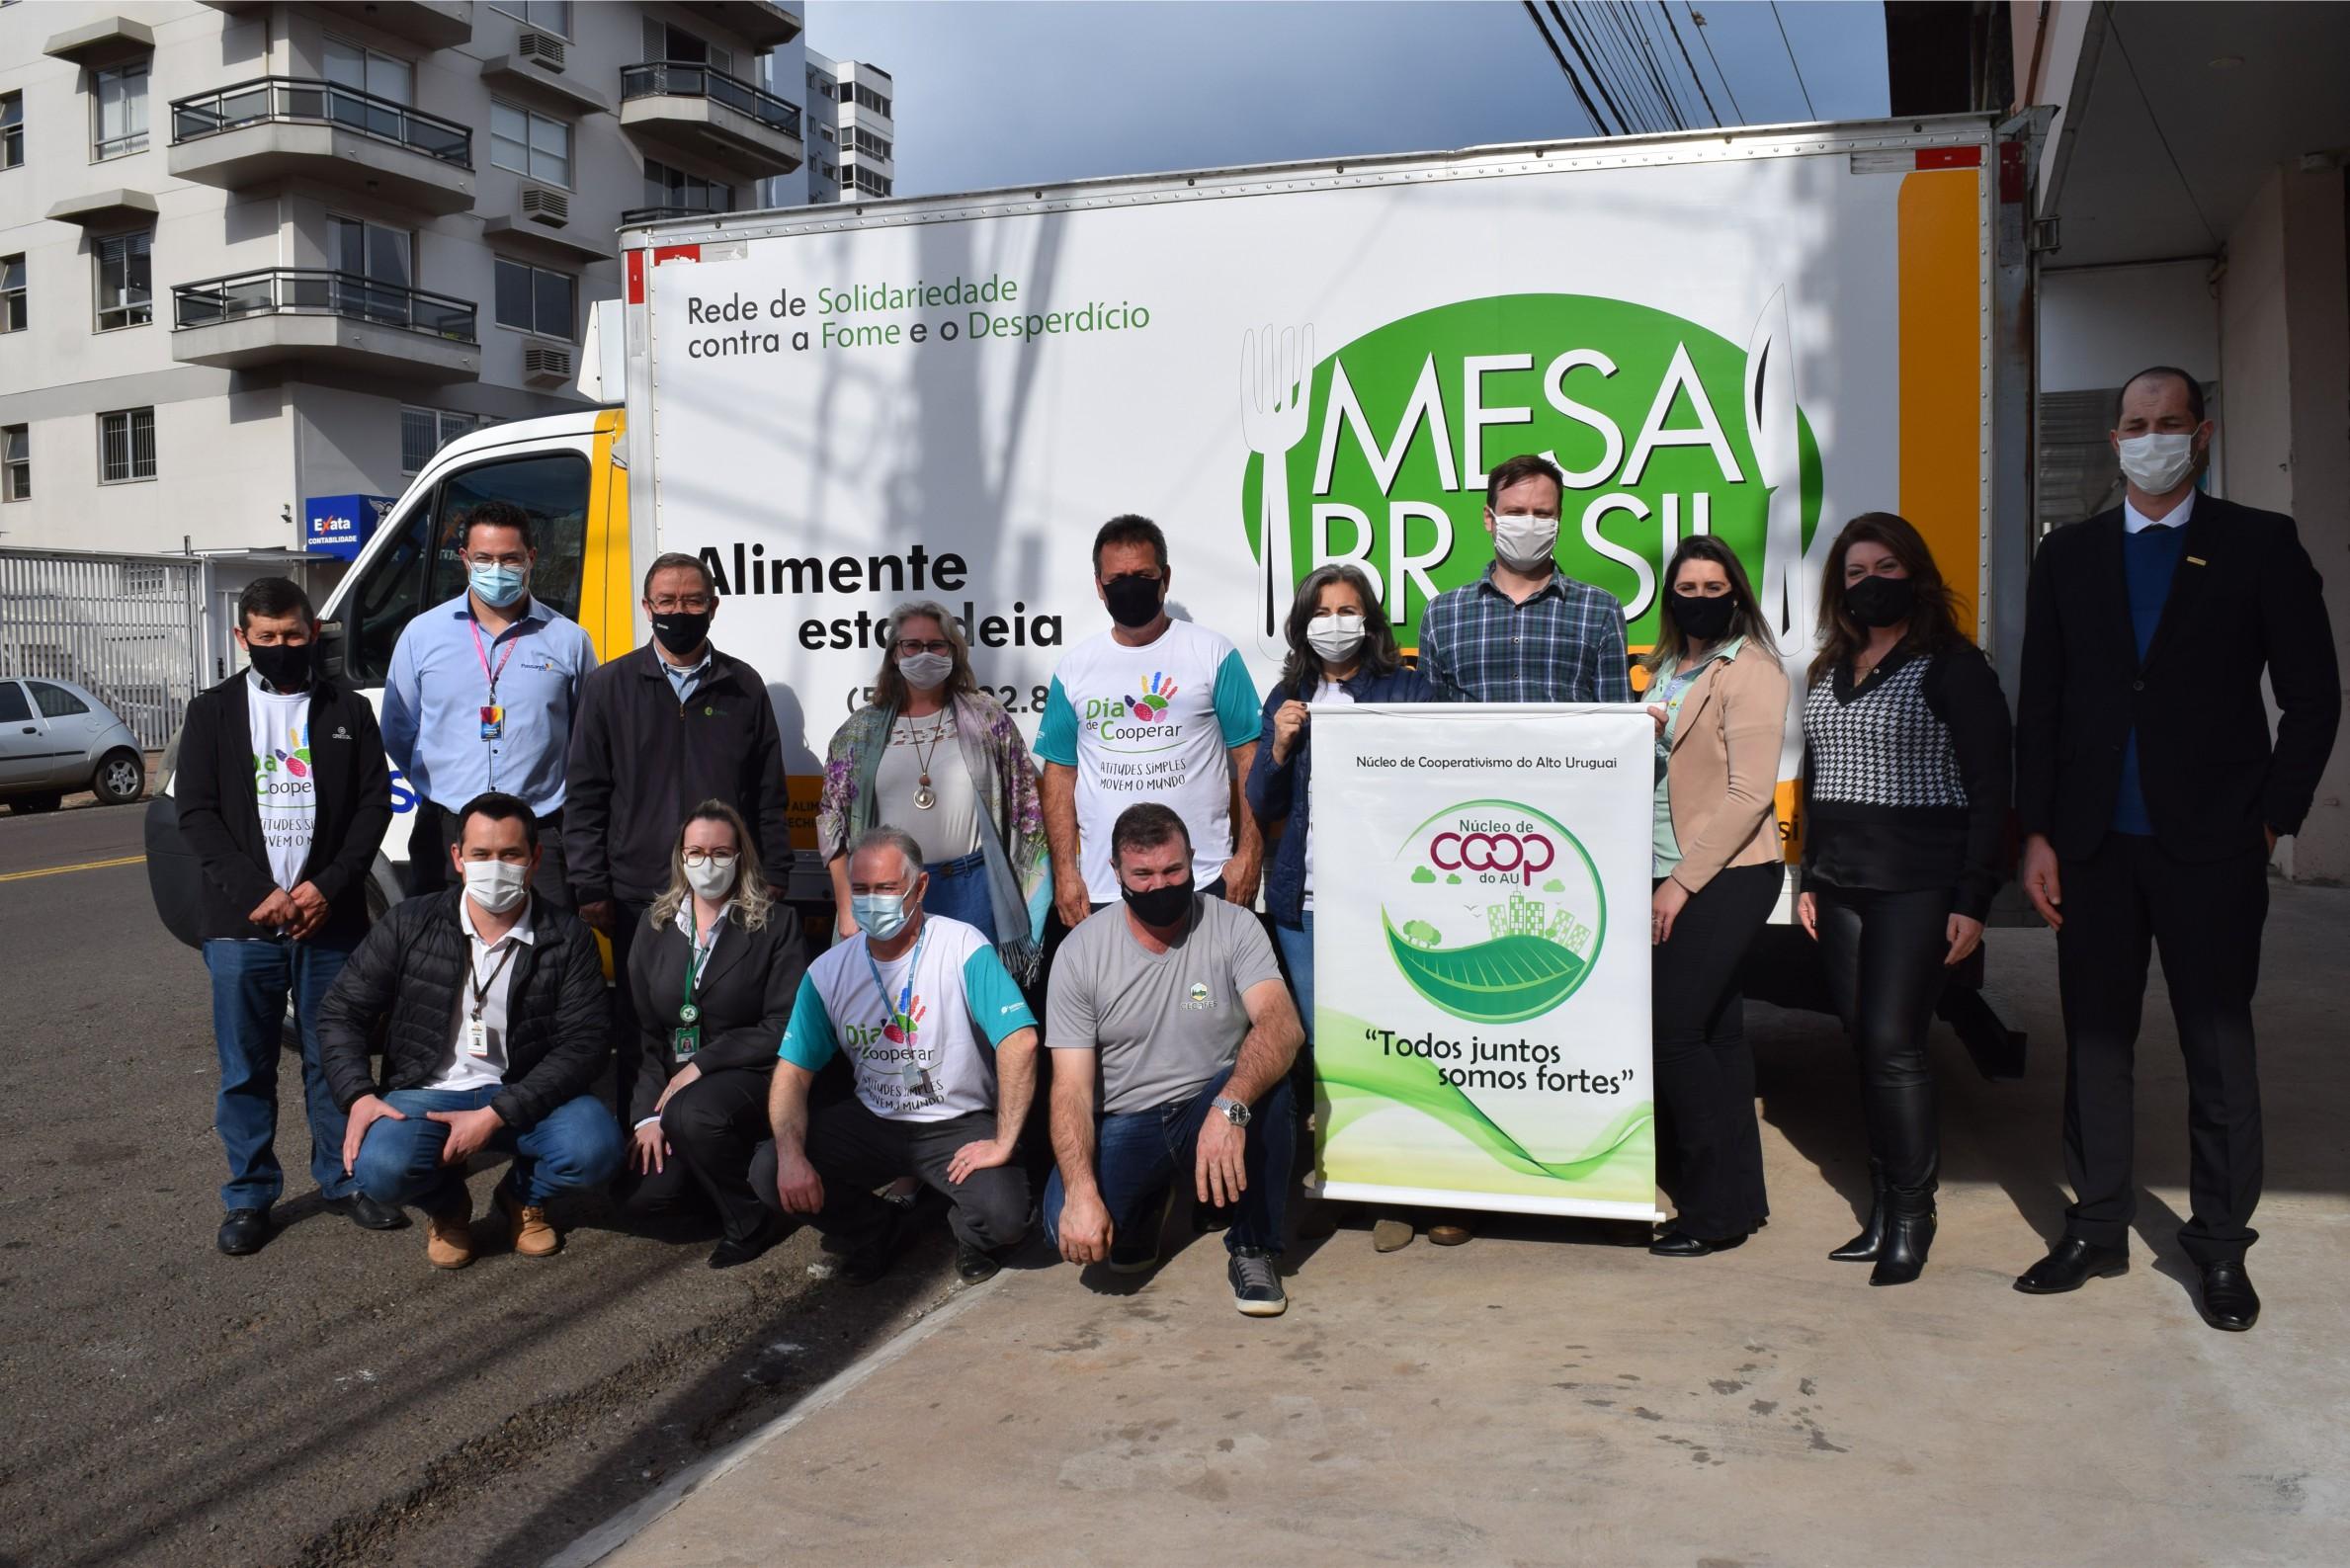 Núcleo do Cooperativismo do Alto Uruguai entrega 12 toneladas de alimentos ao Mesa Brasil